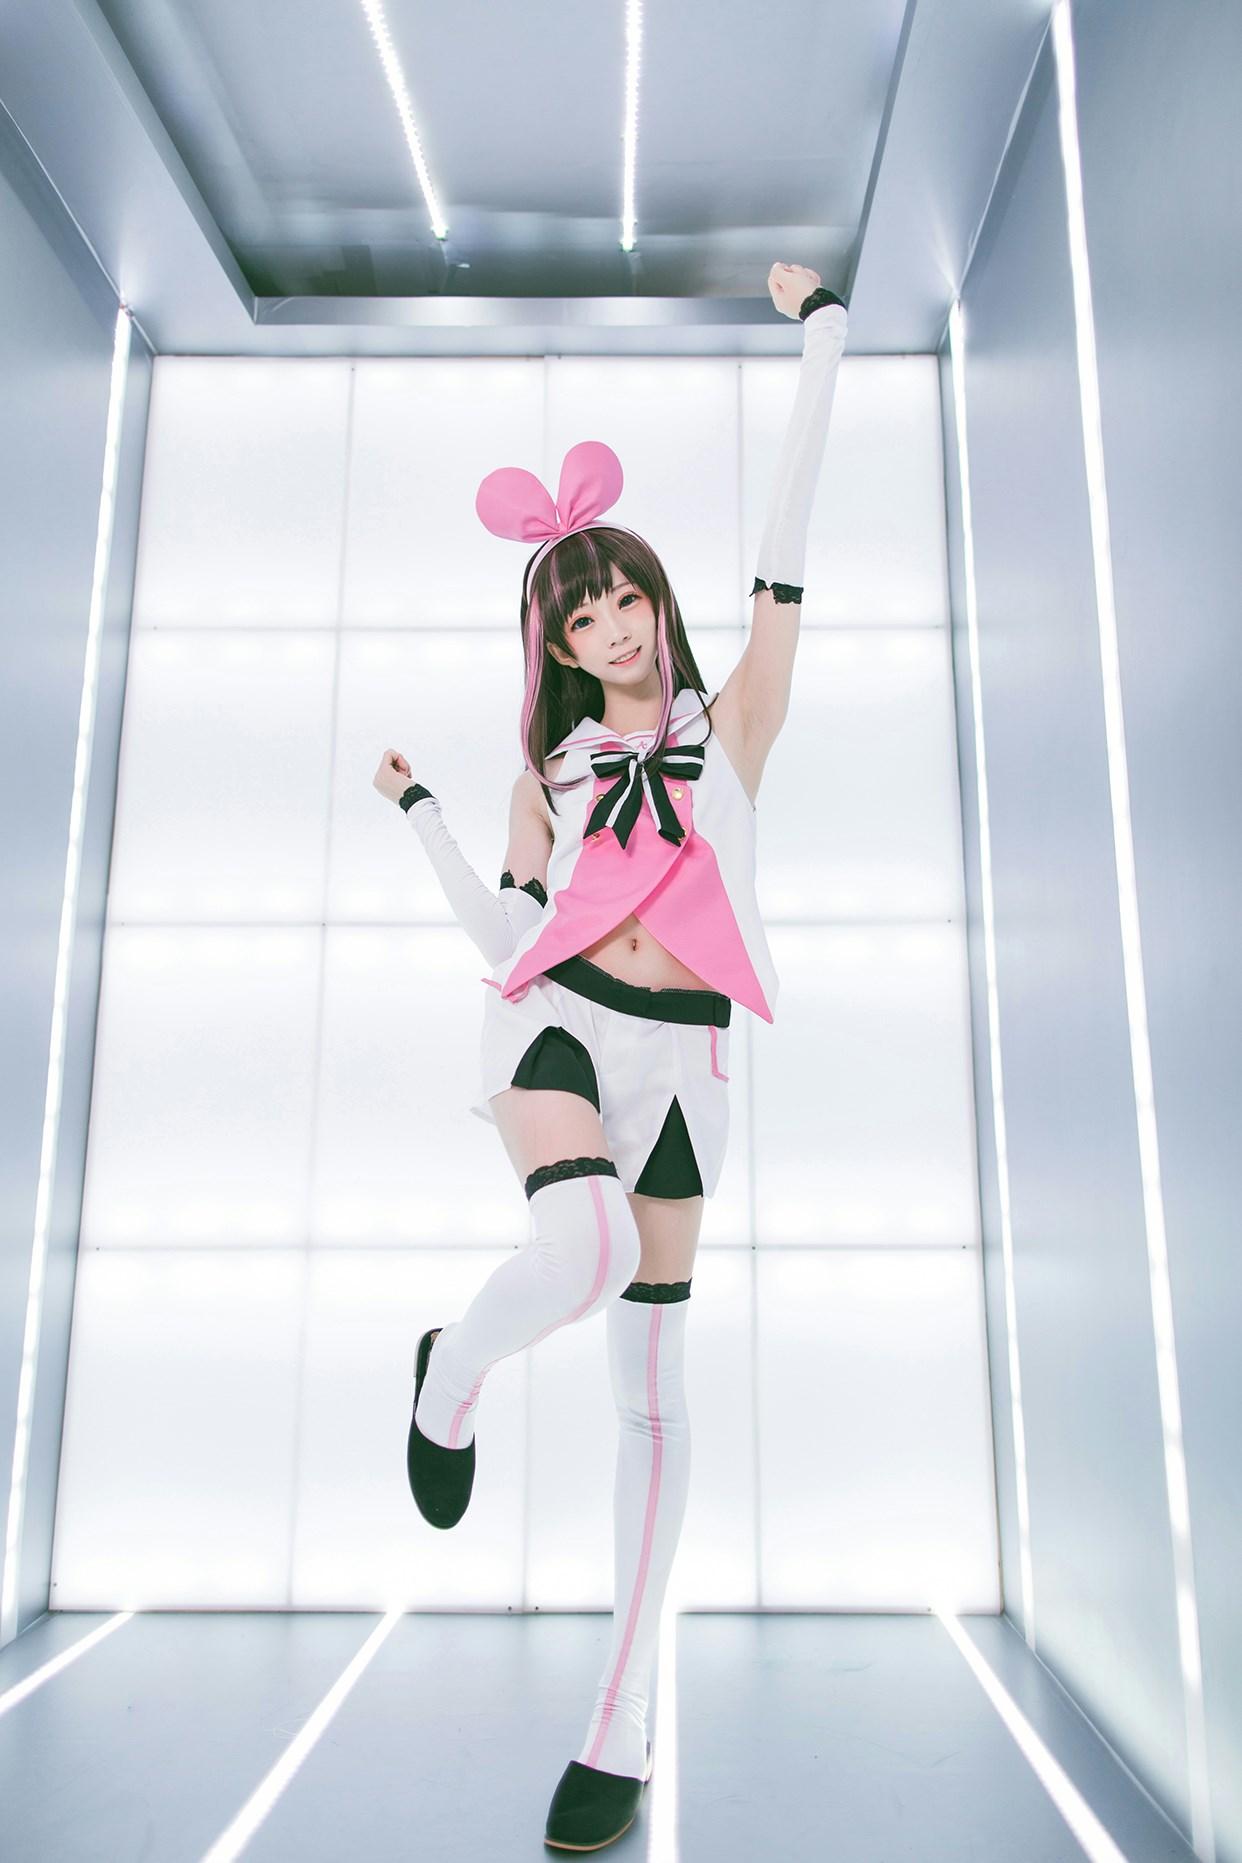 【兔玩映画】超可爱的表情包爱酱! 兔玩映画 第29张